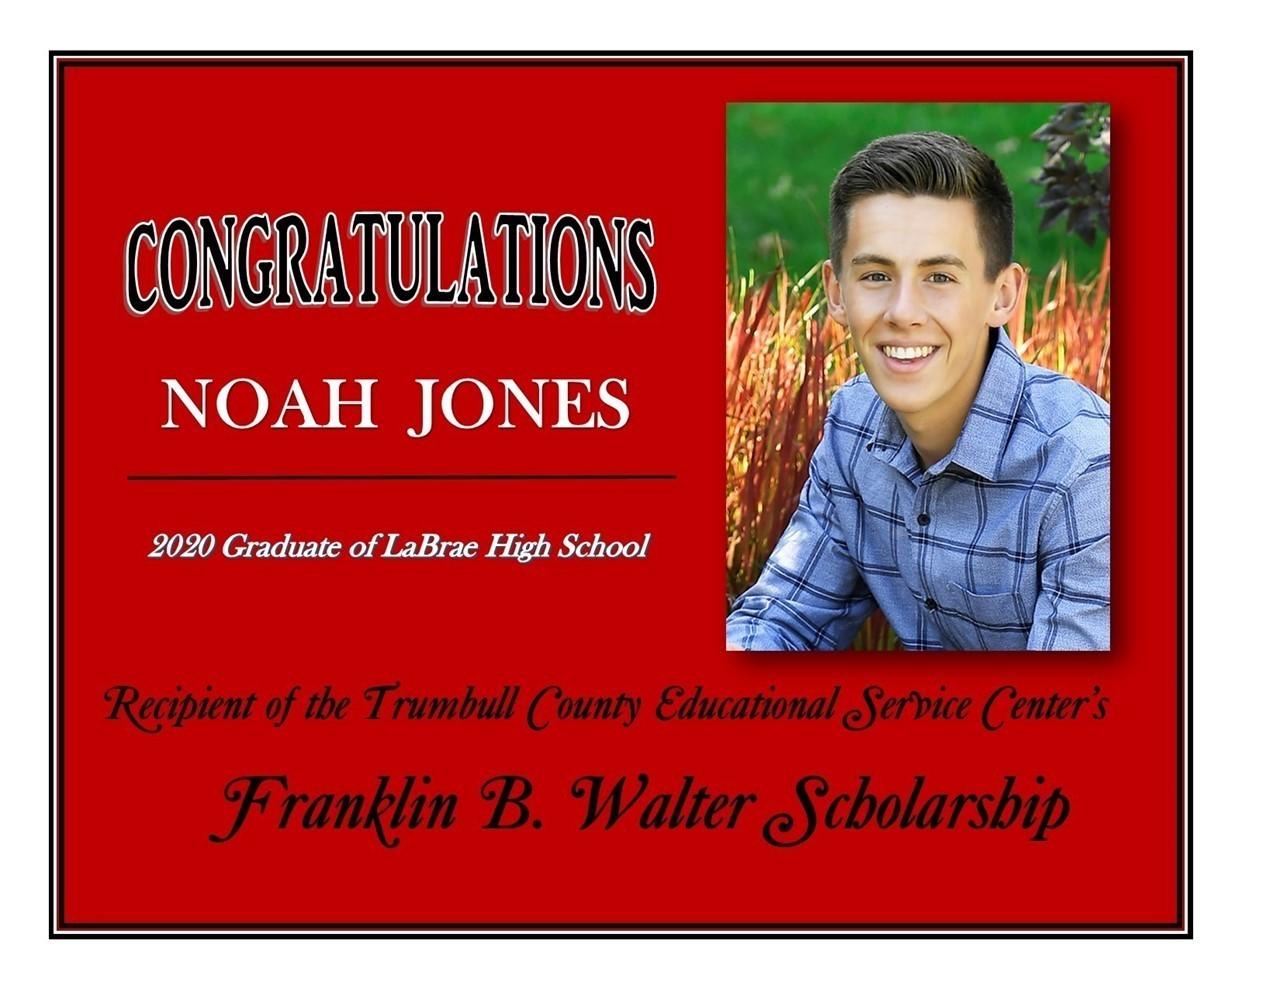 Noah Jones Scholarship Recipient